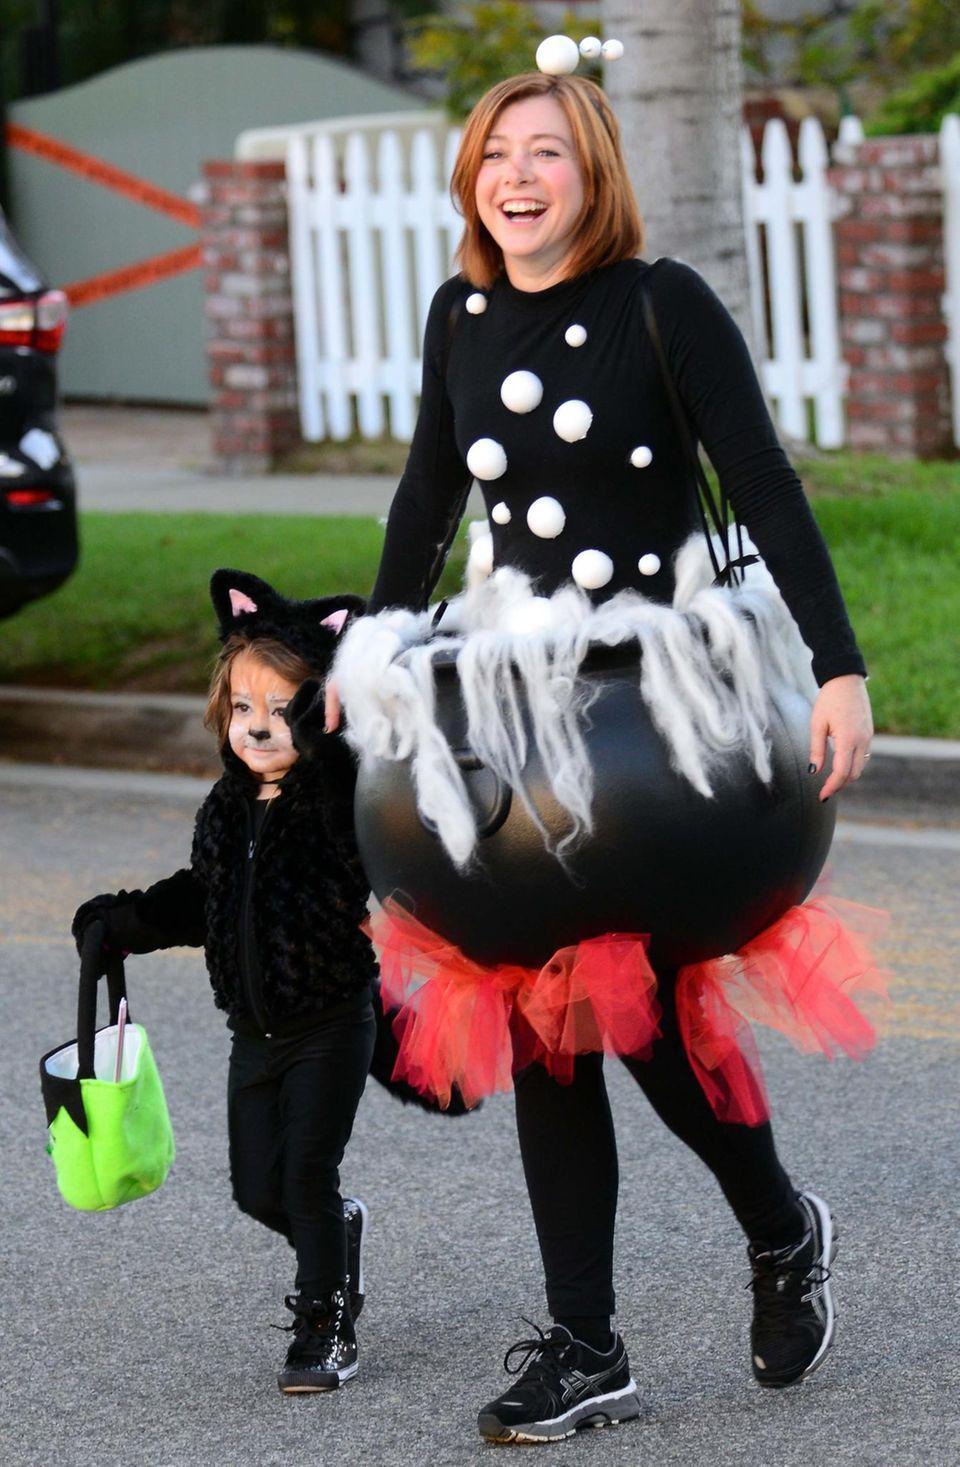 Alyson Hannigan geht als Zaubertrankkessel mit ihren Kindern auf Süßigkeitenjagd.